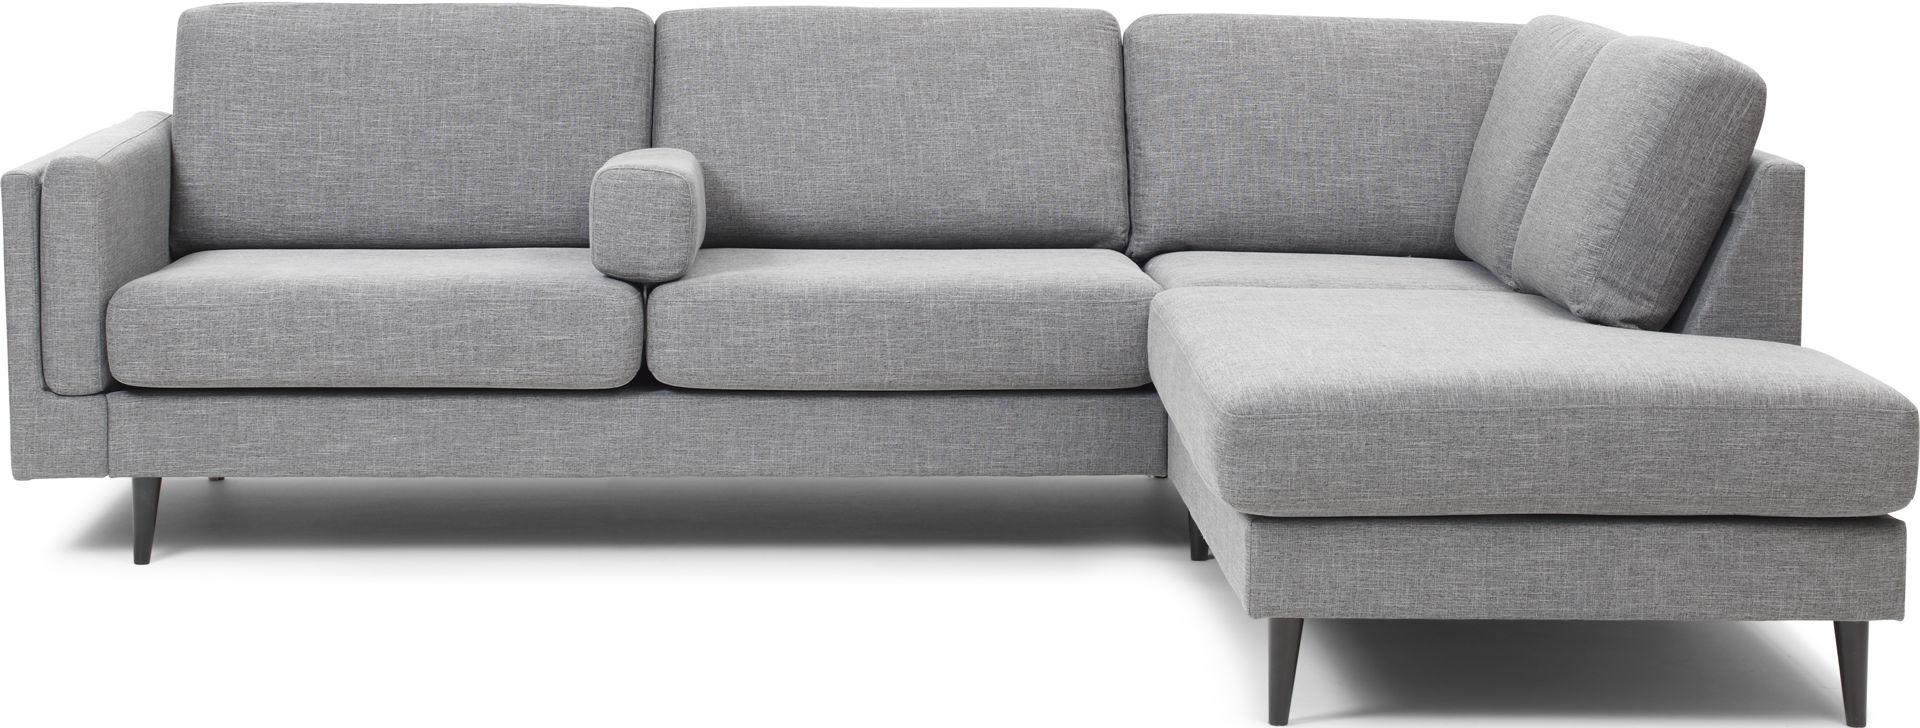 Vision modul sofa